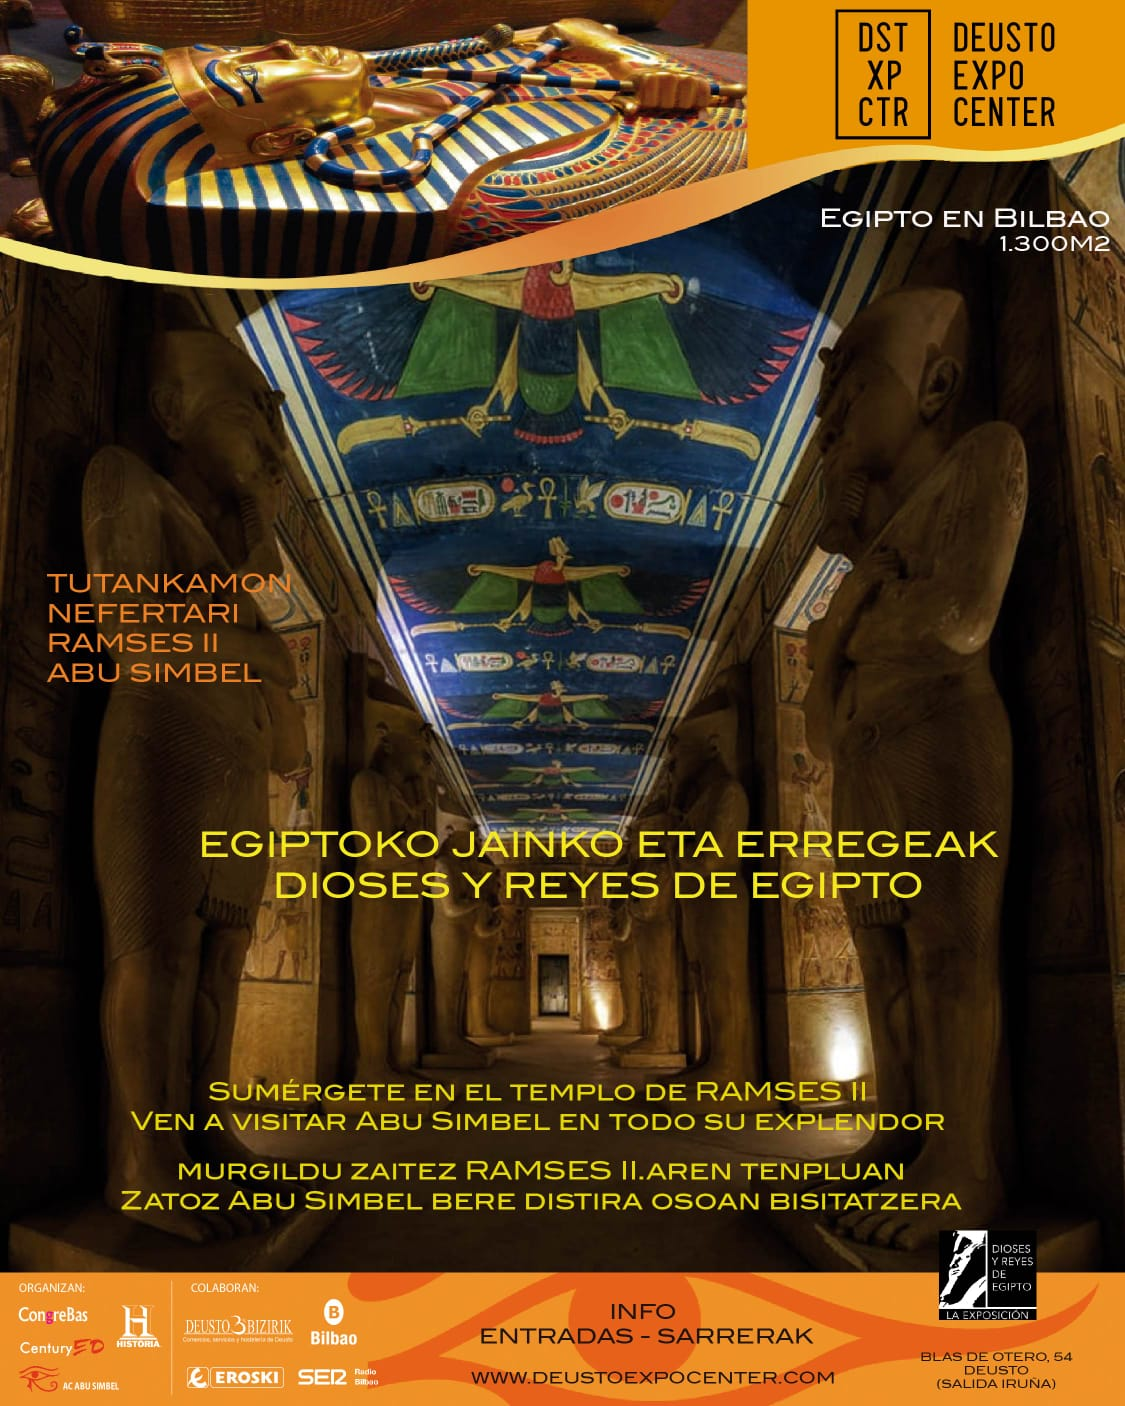 Calendario Deusto.Bizkaia Deusto Expo Center Dioses Y Reyes De Egipto La